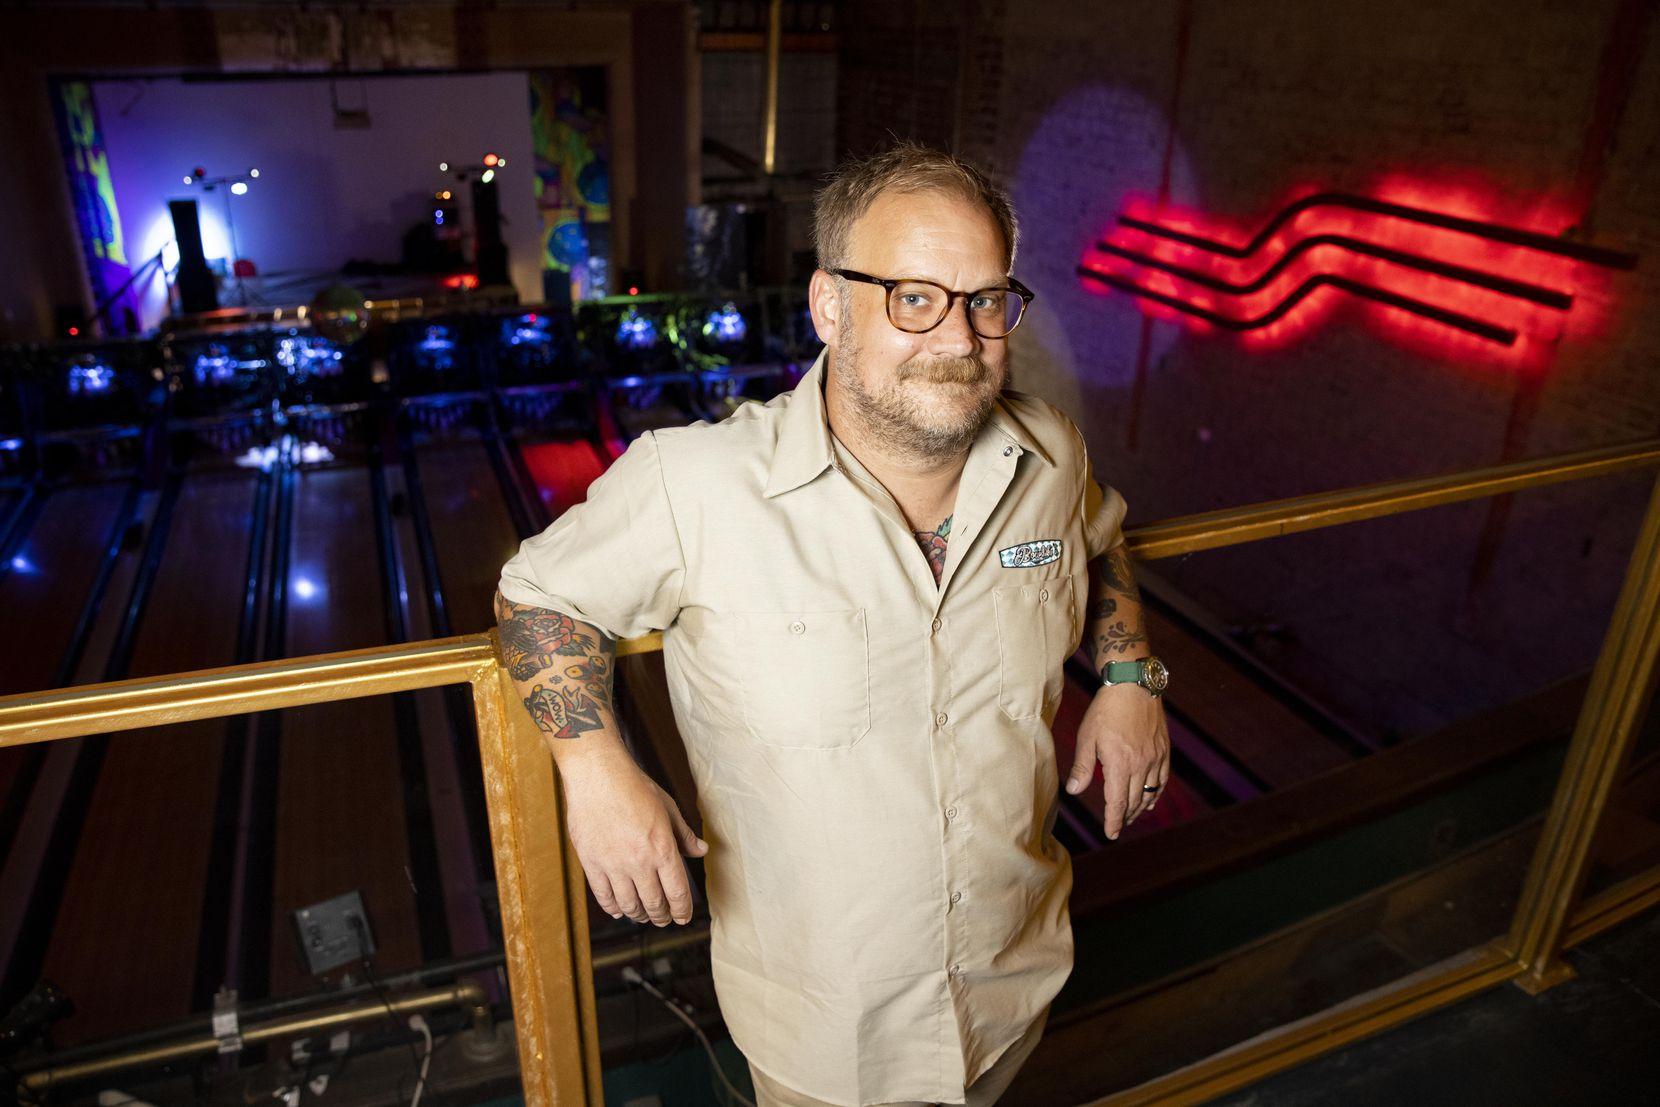 Moody Fuqua posa en el entrepiso de Bowlski en mayo.  Un veterano de la escena musical local, es conocido por reservar shows en lugares como Club Dada y RBC en Deep Ellum.